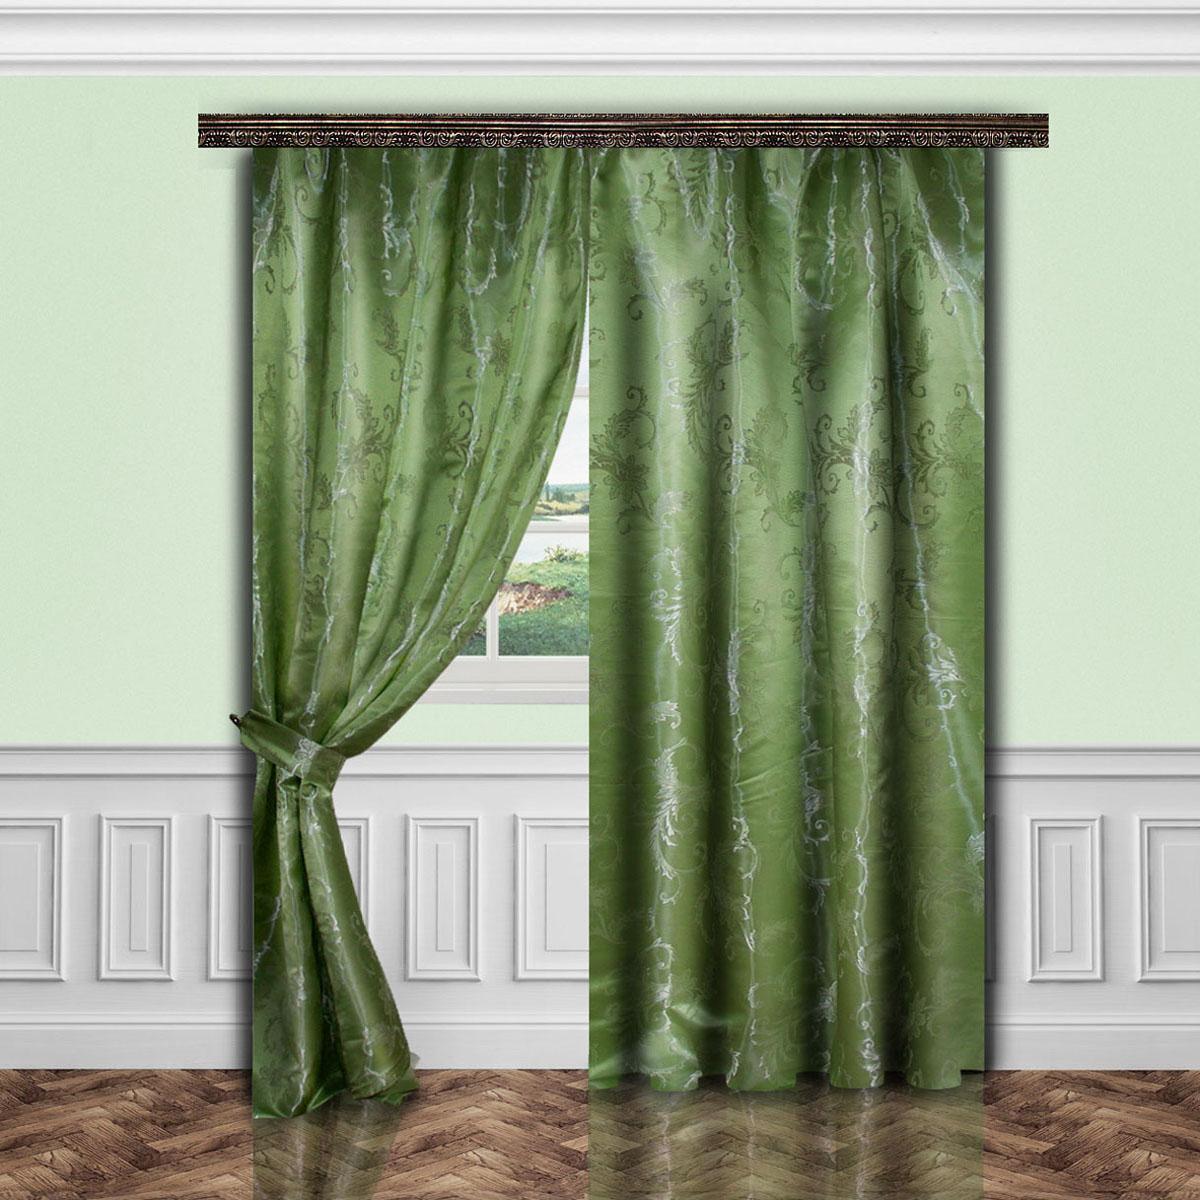 Комплект штор Zlata Korunka, на ленте, цвет: зеленый, высота 260 см. 5564055640Роскошный комплект штор Zlata Korunka, выполненный из полиэстера,великолепно украсит любое окно. Комплект состоит двух штор и двух подхватов.Изящный узор и приятная цветовая гамма привлекут к себевнимание и органично впишутся в интерьер помещения.Этот комплект будет долгое время радовать вас и вашу семью! Комплект крепится на карниз при помощи ленты, которая поможет красиво иравномерно задрапировать верх.В комплект входит:Штора: 2 шт. Размер (Ш х В): 145 см х 260 см. Подхват: 2 шт.